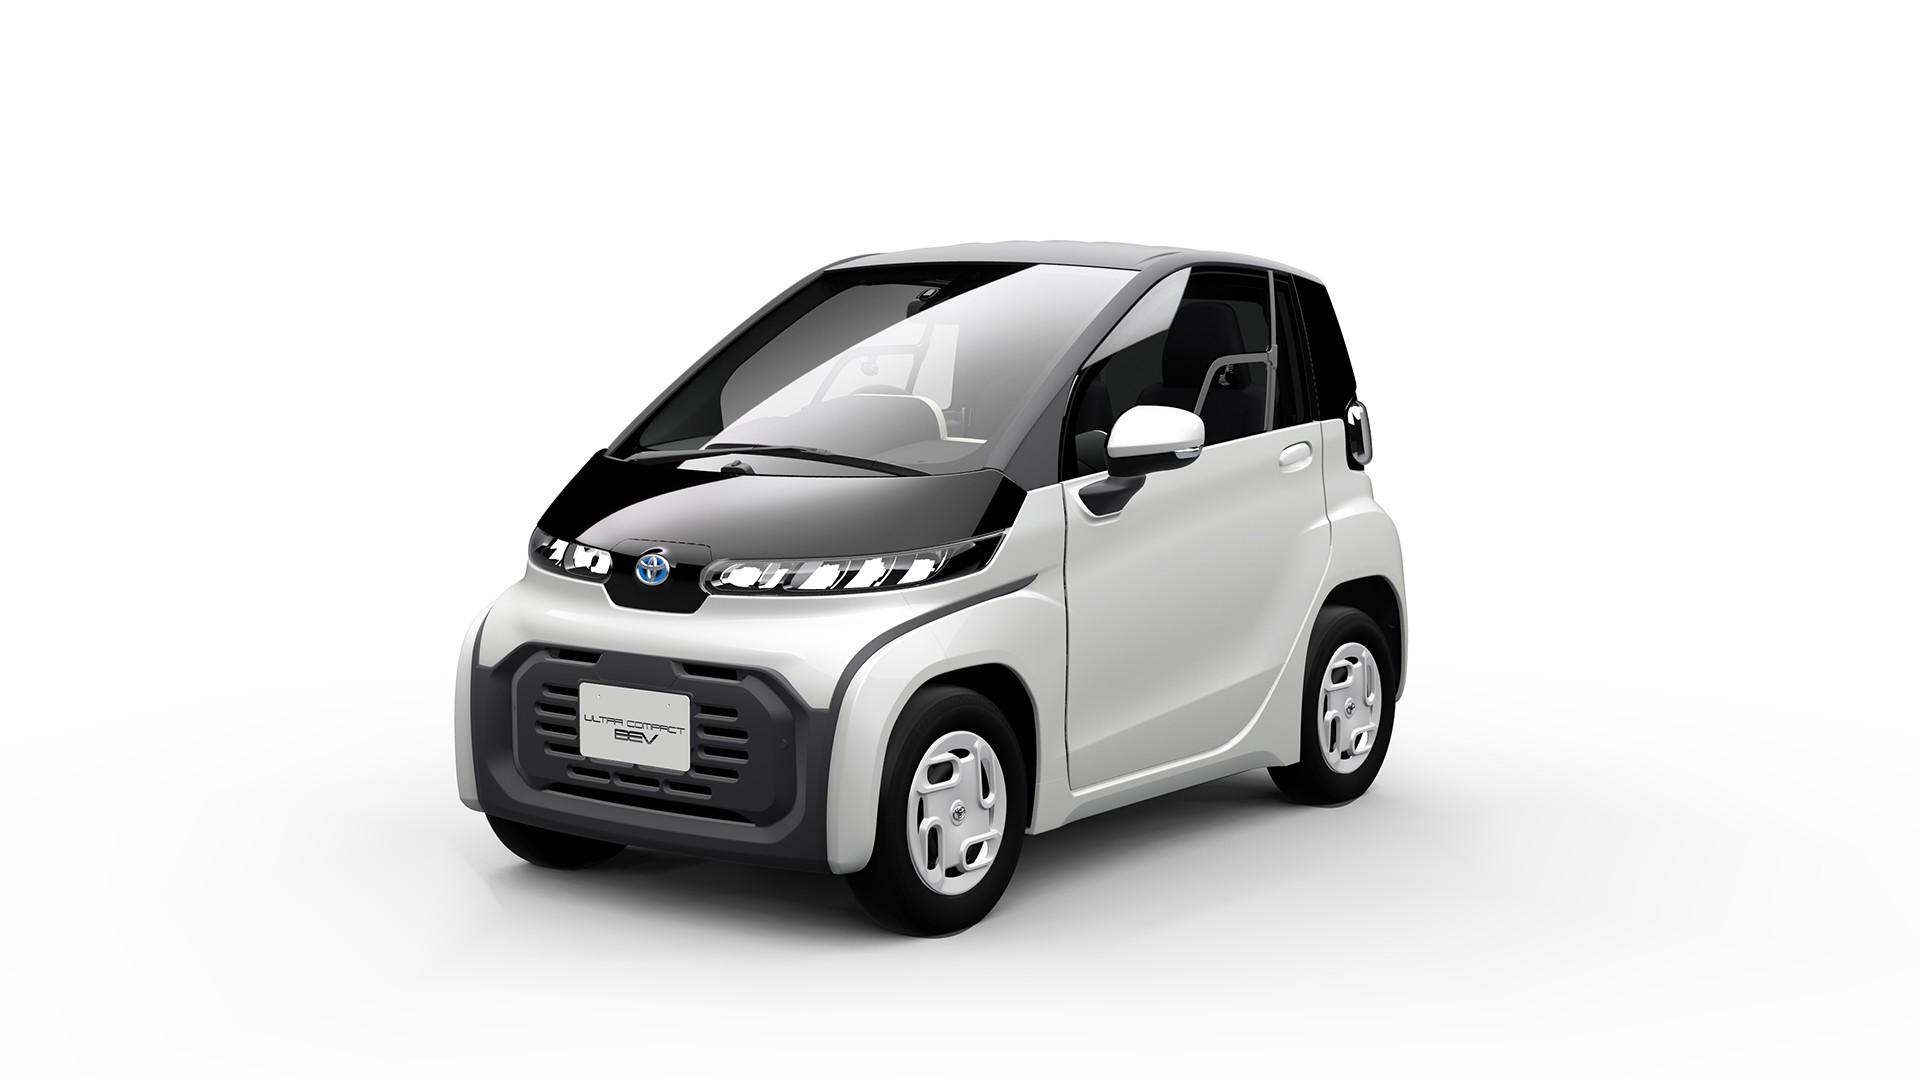 Toyota revela minicarro elétrico menor que moto e que leva apenas 2 pessoas